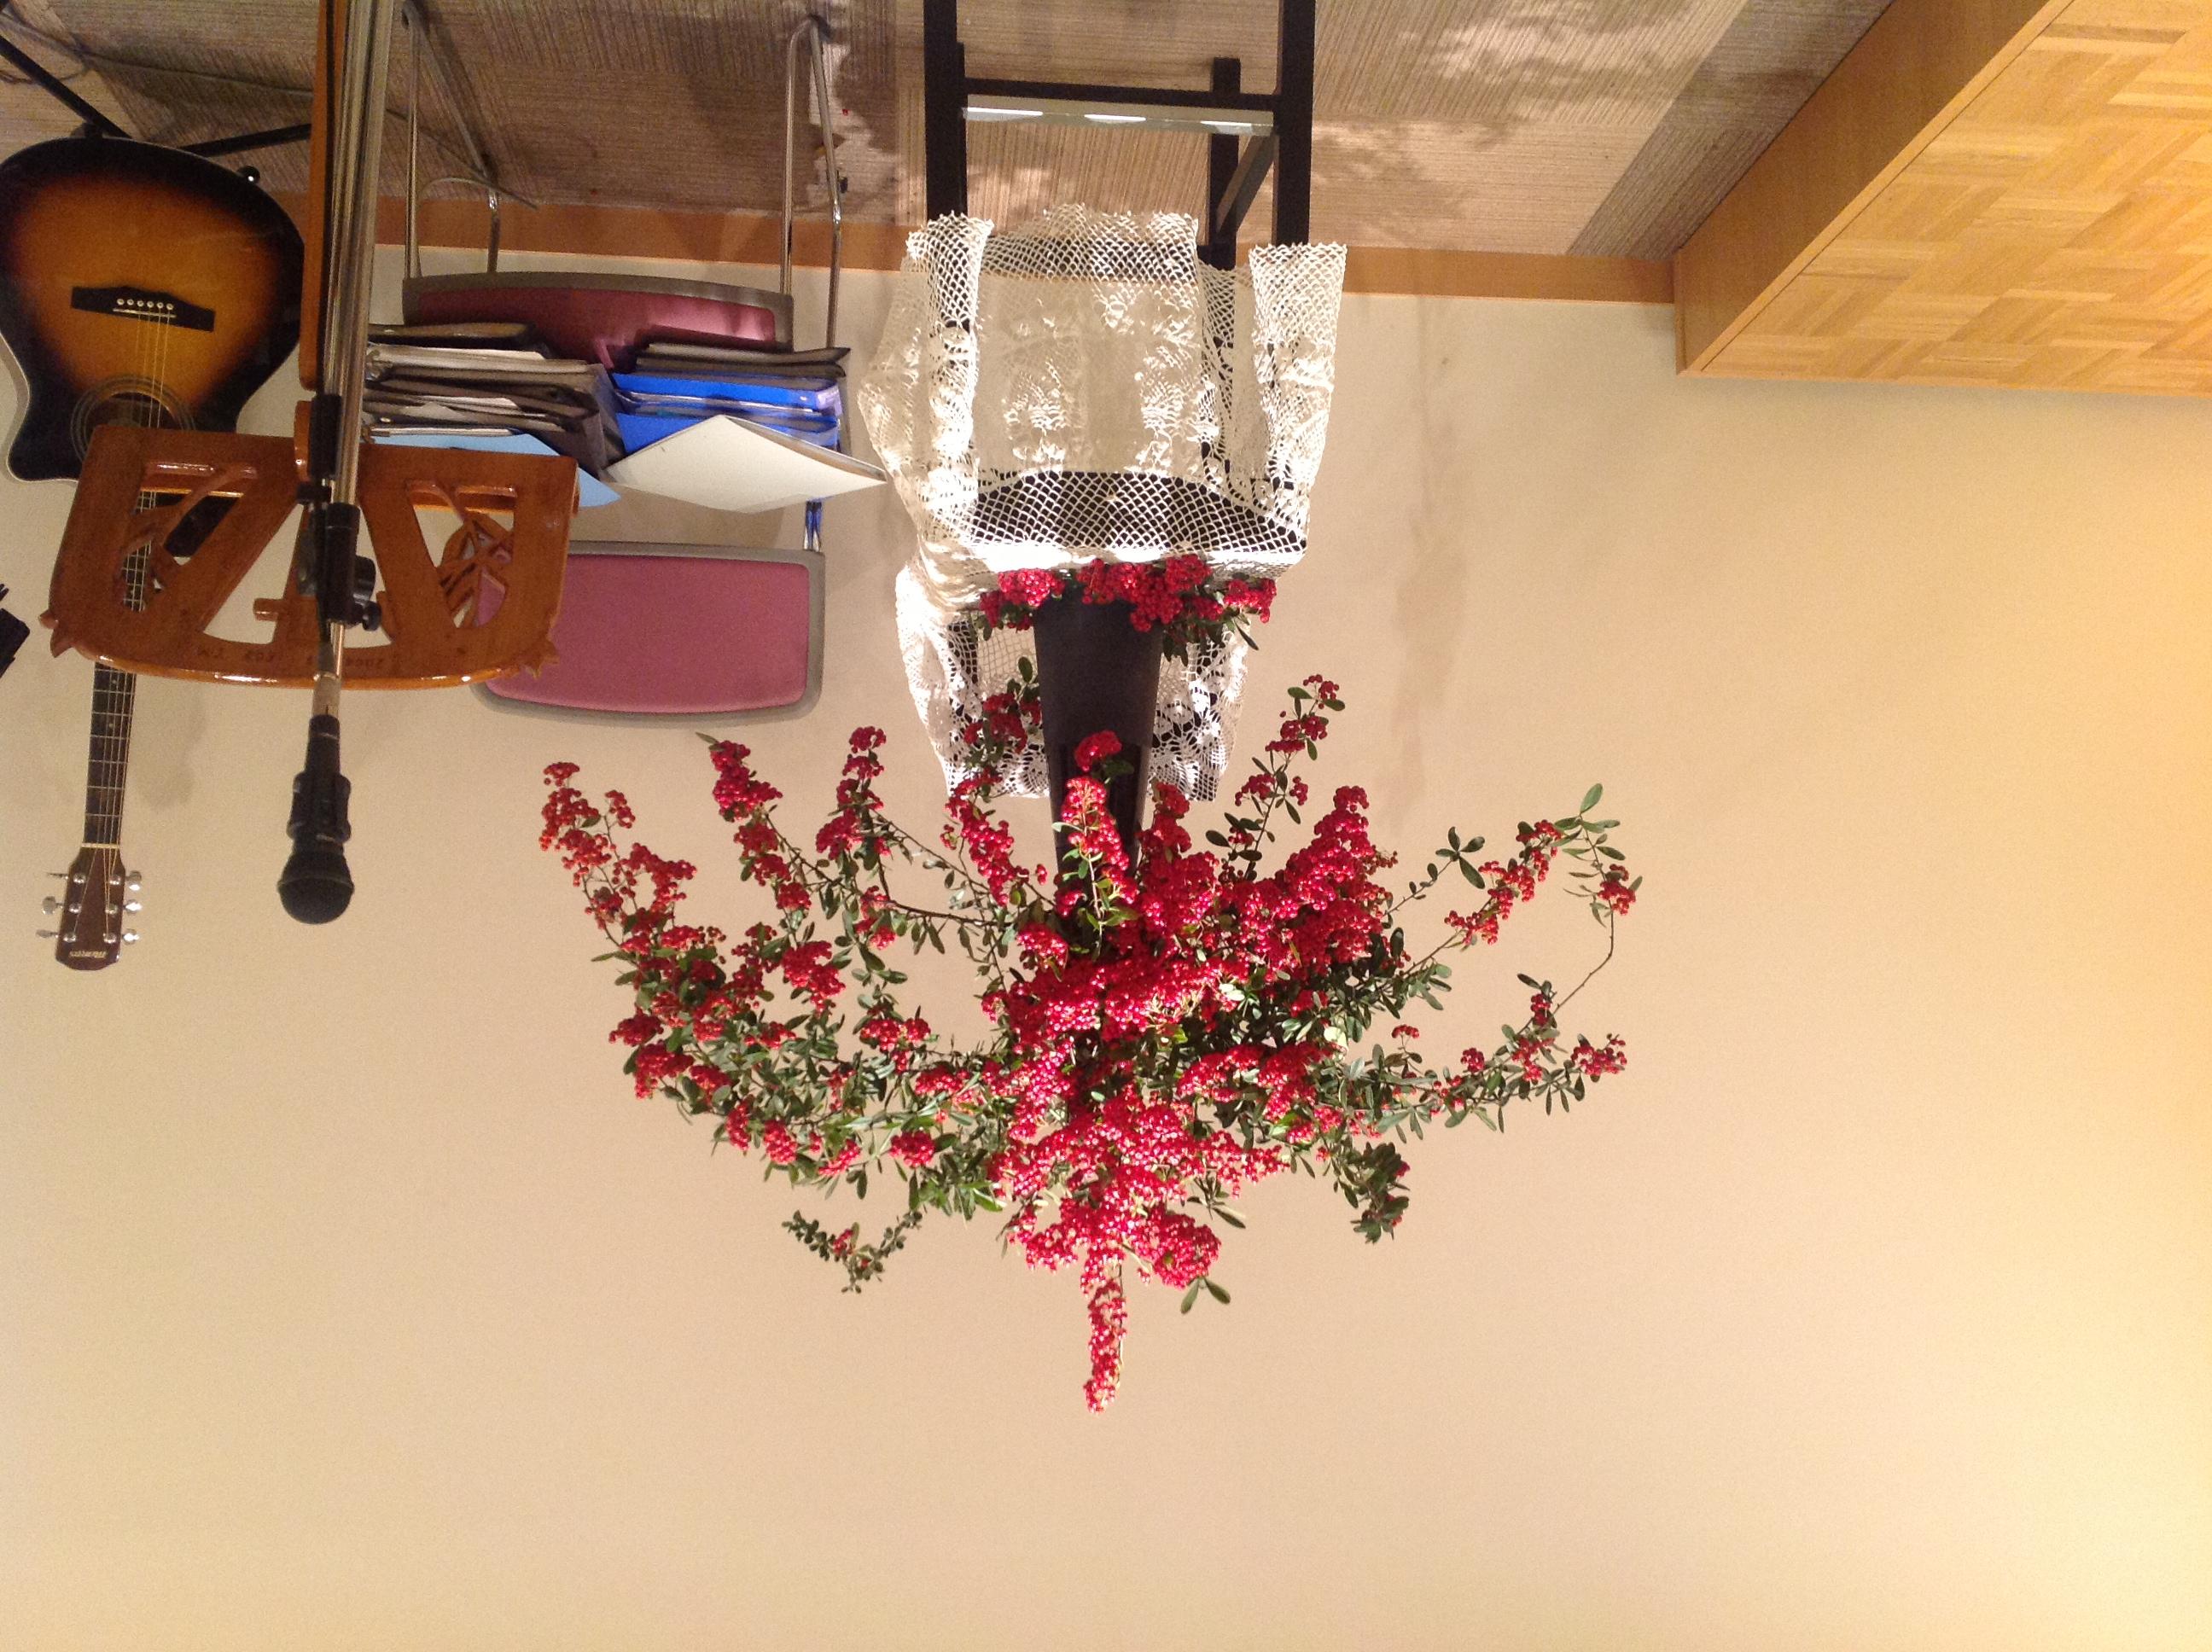 2012/12/9、聖日礼拝のお花